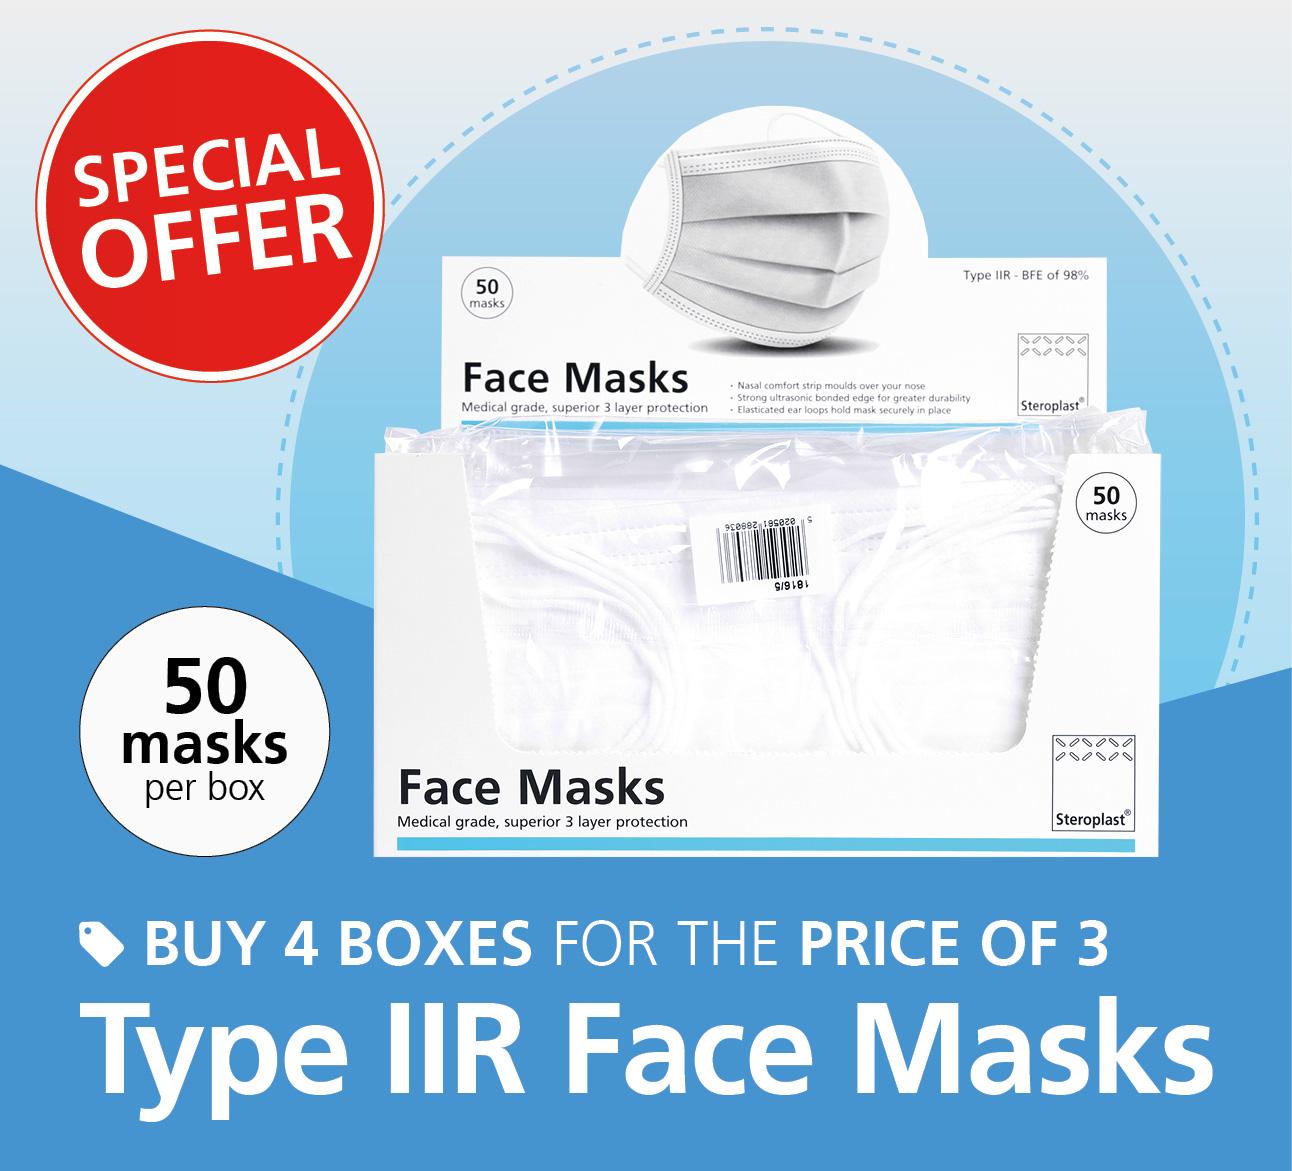 Face masks promotion